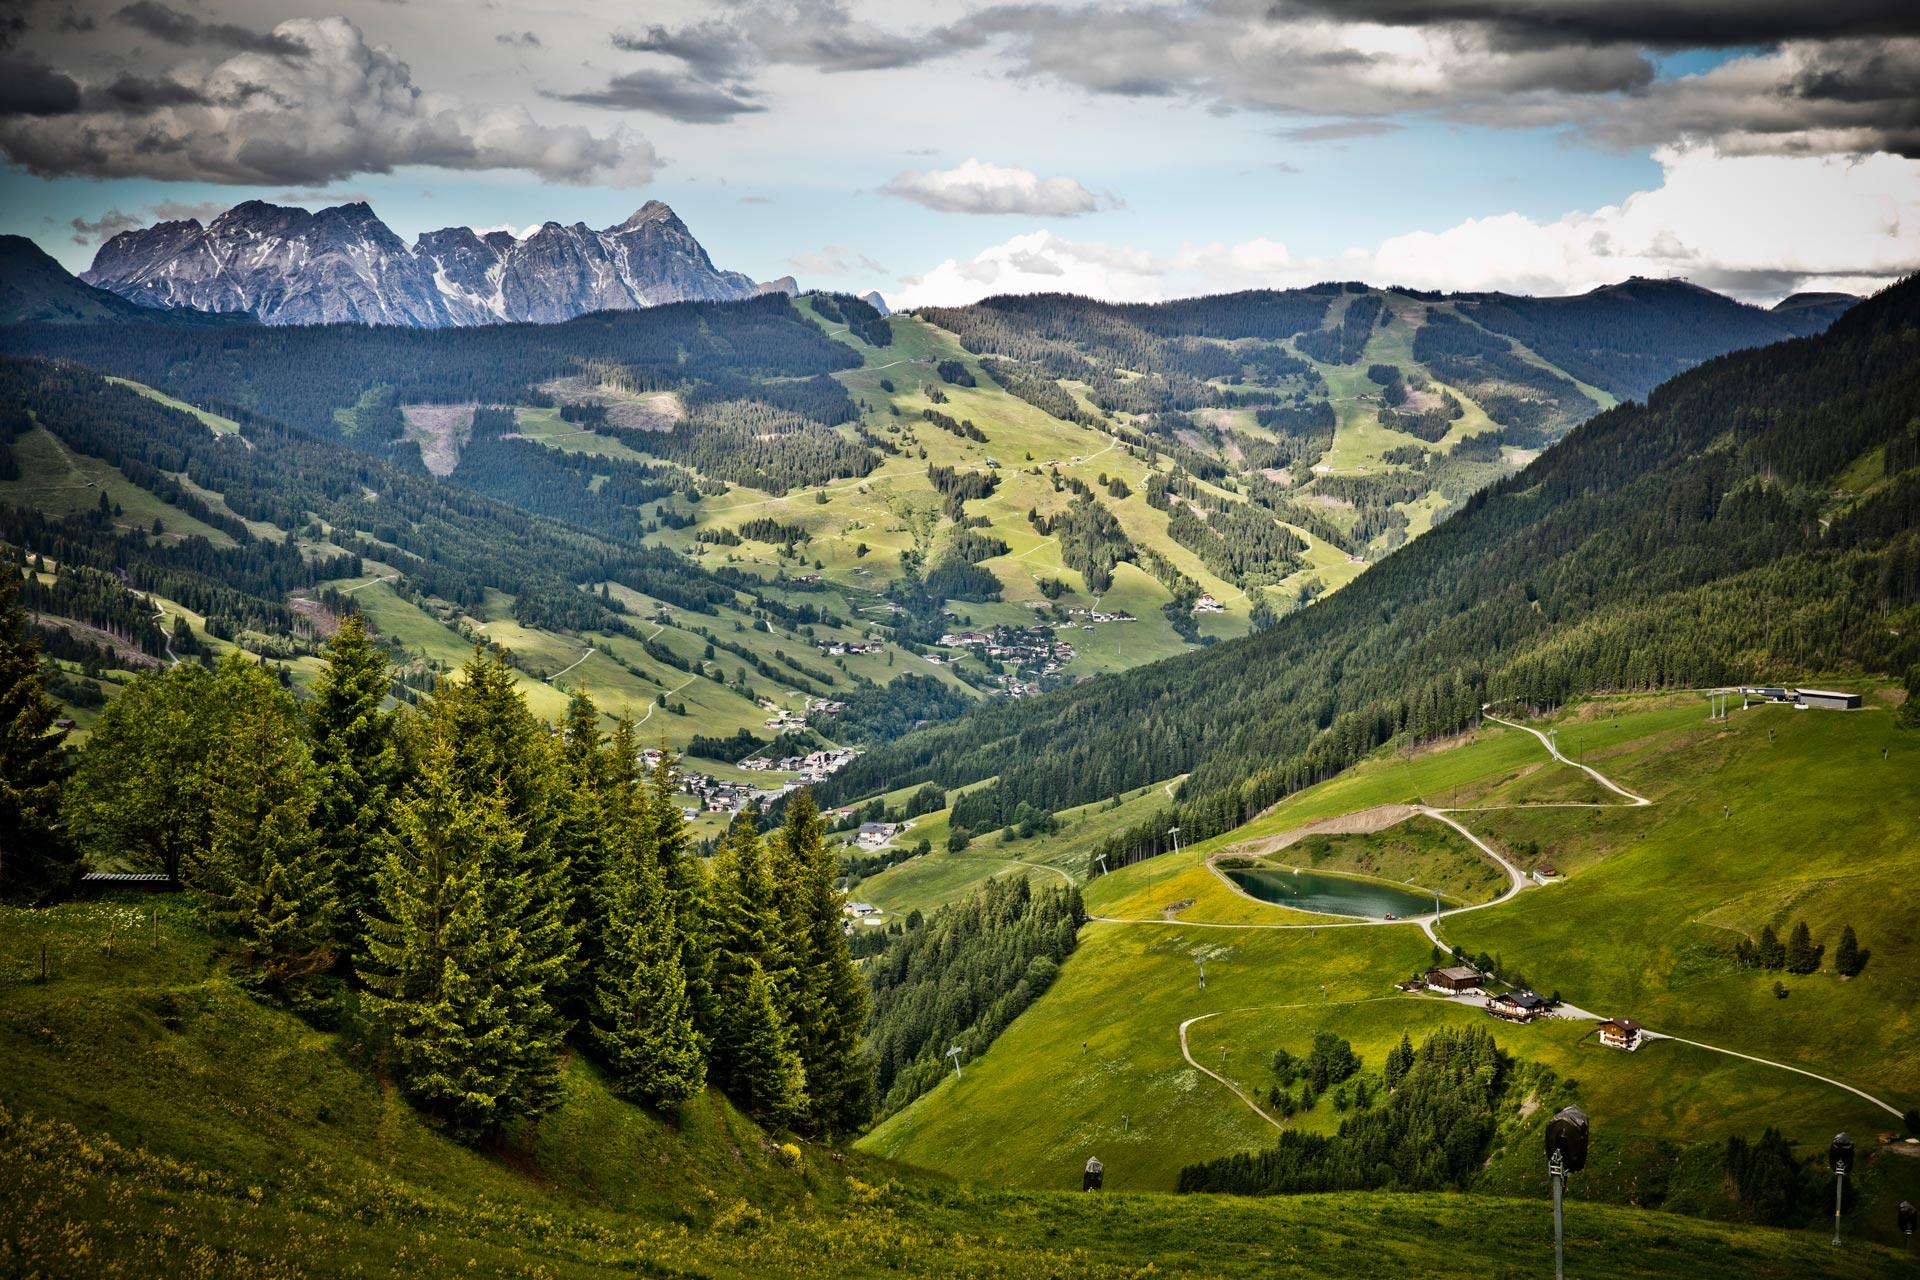 Ein Ausblick vom Berg aus auf das Dorf Hinterglemm